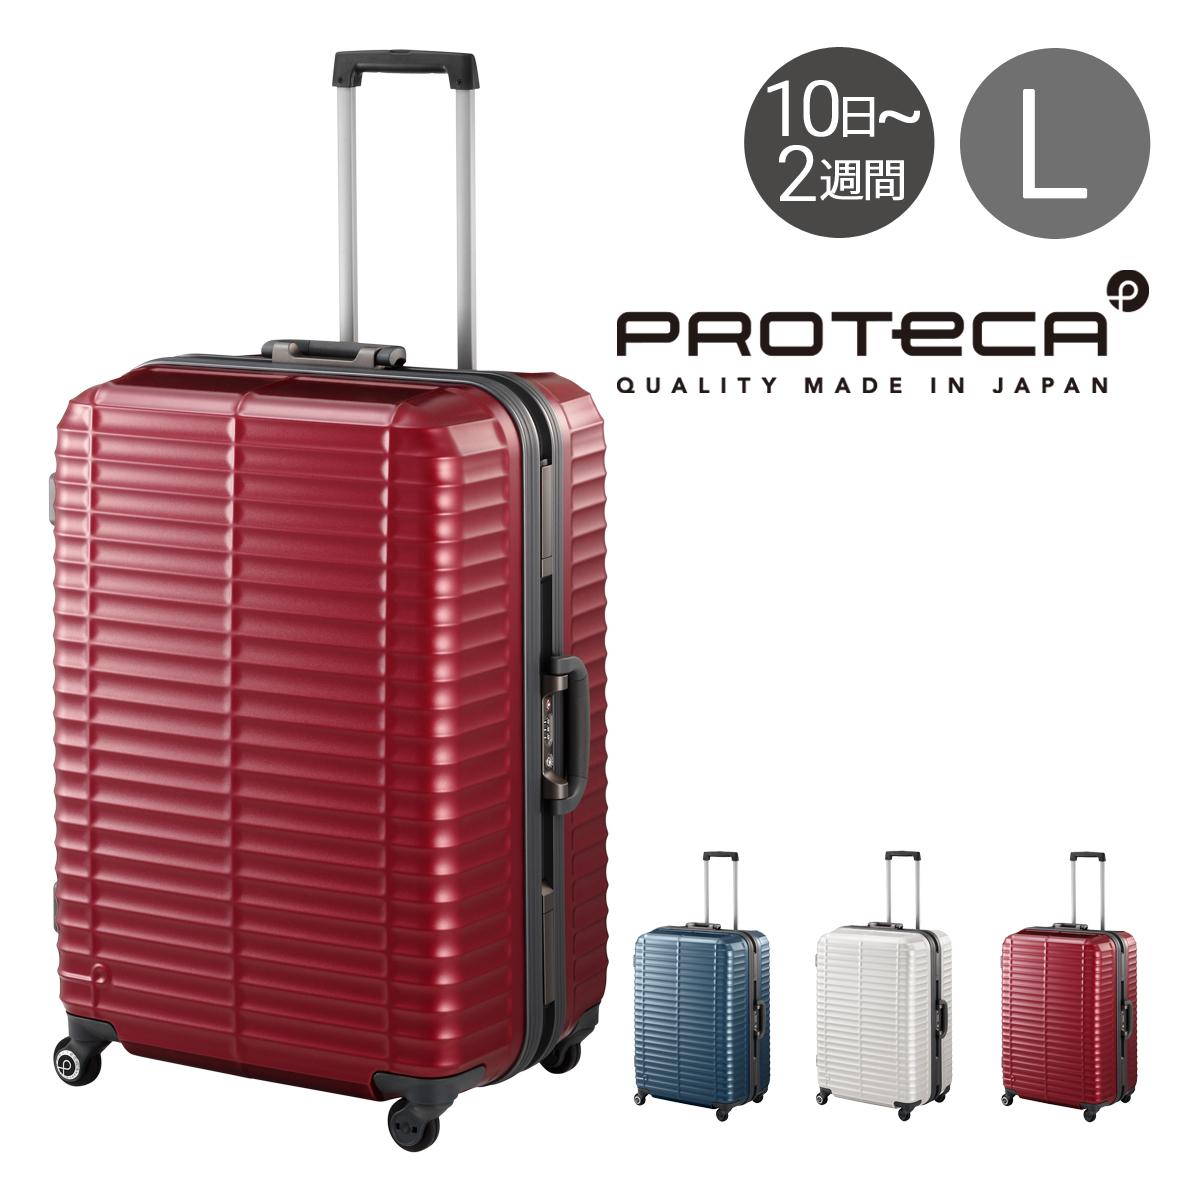 プロテカ スーツケース 95L 66cm 5.4kg ストラタム 00852 日本製 PROTECA ハード フレーム キャリーバッグ キャリーケース 軽量 静音 TSAロック搭載 マグネシウム合金 3年保証[PO10][bef]